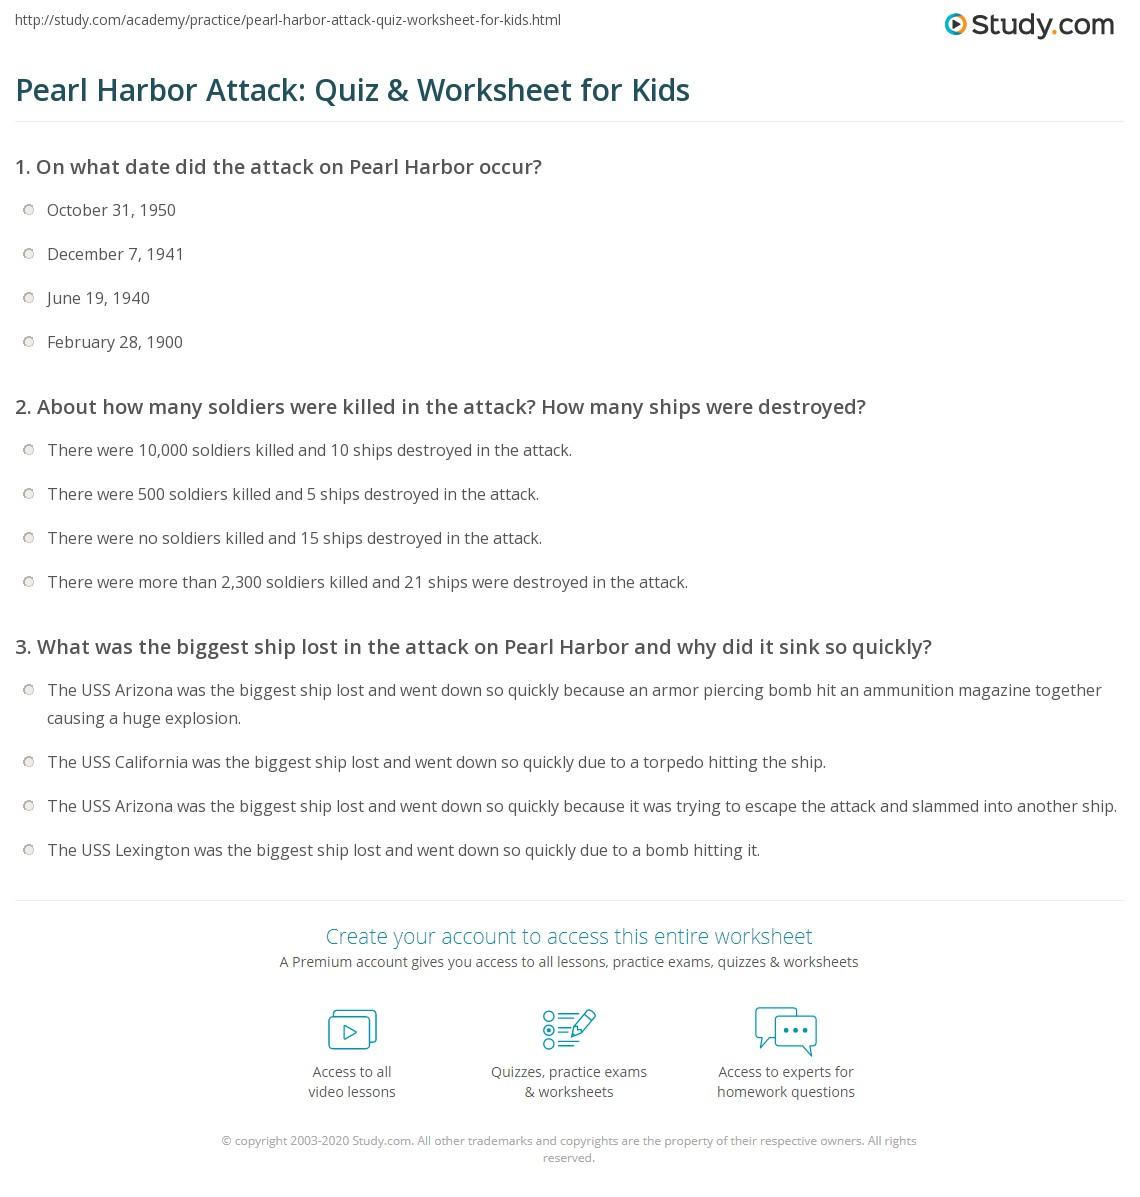 Worksheets Pearl Harbor Worksheet Cheatslist Free